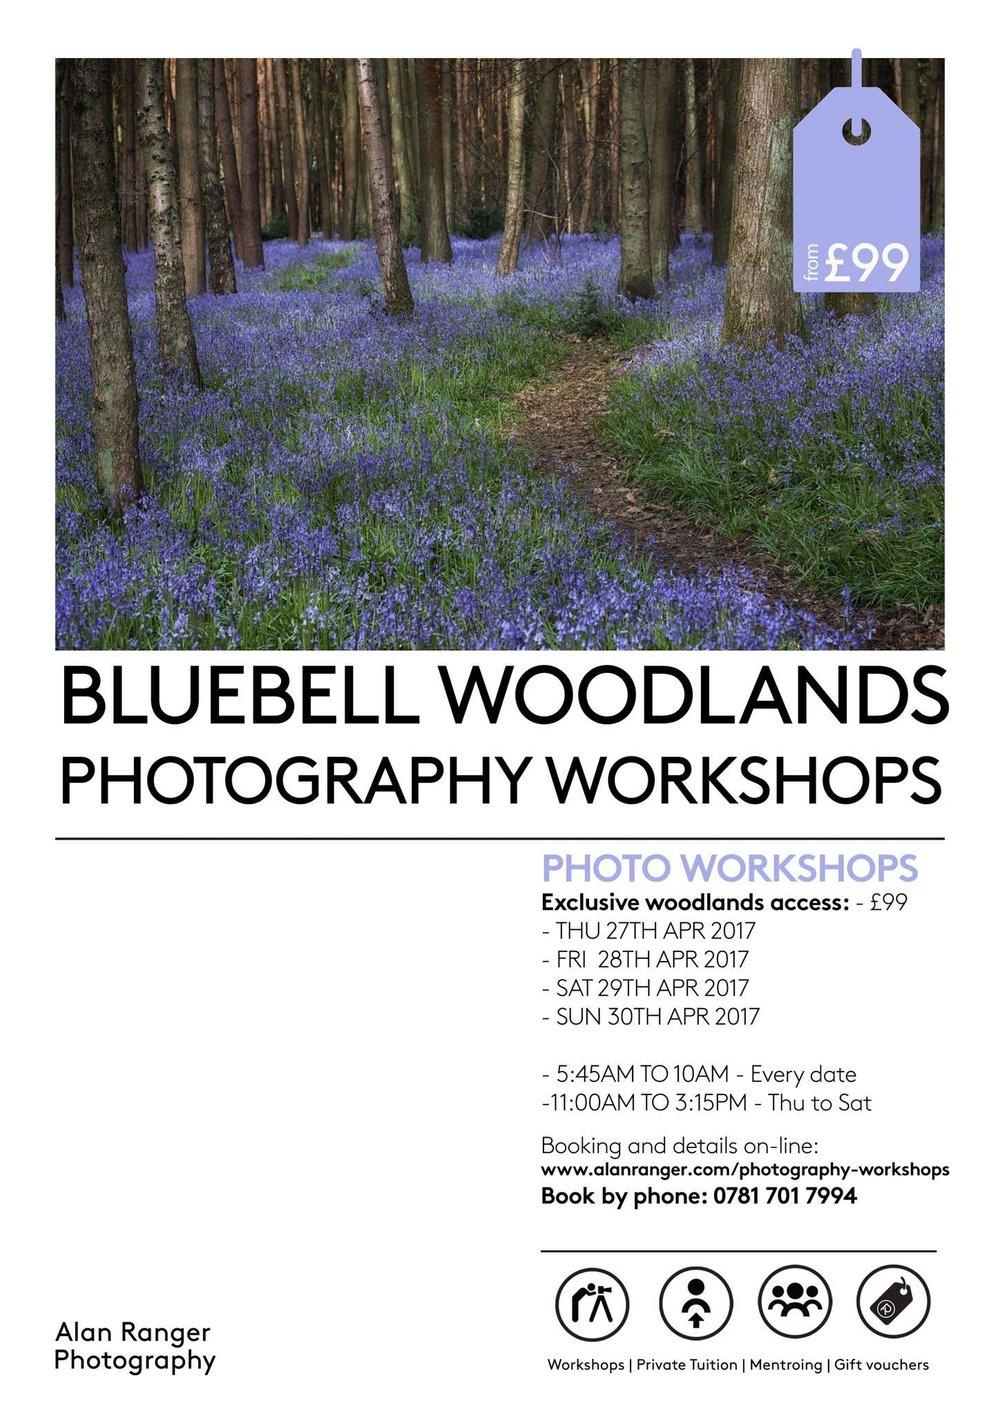 bluebell workshops